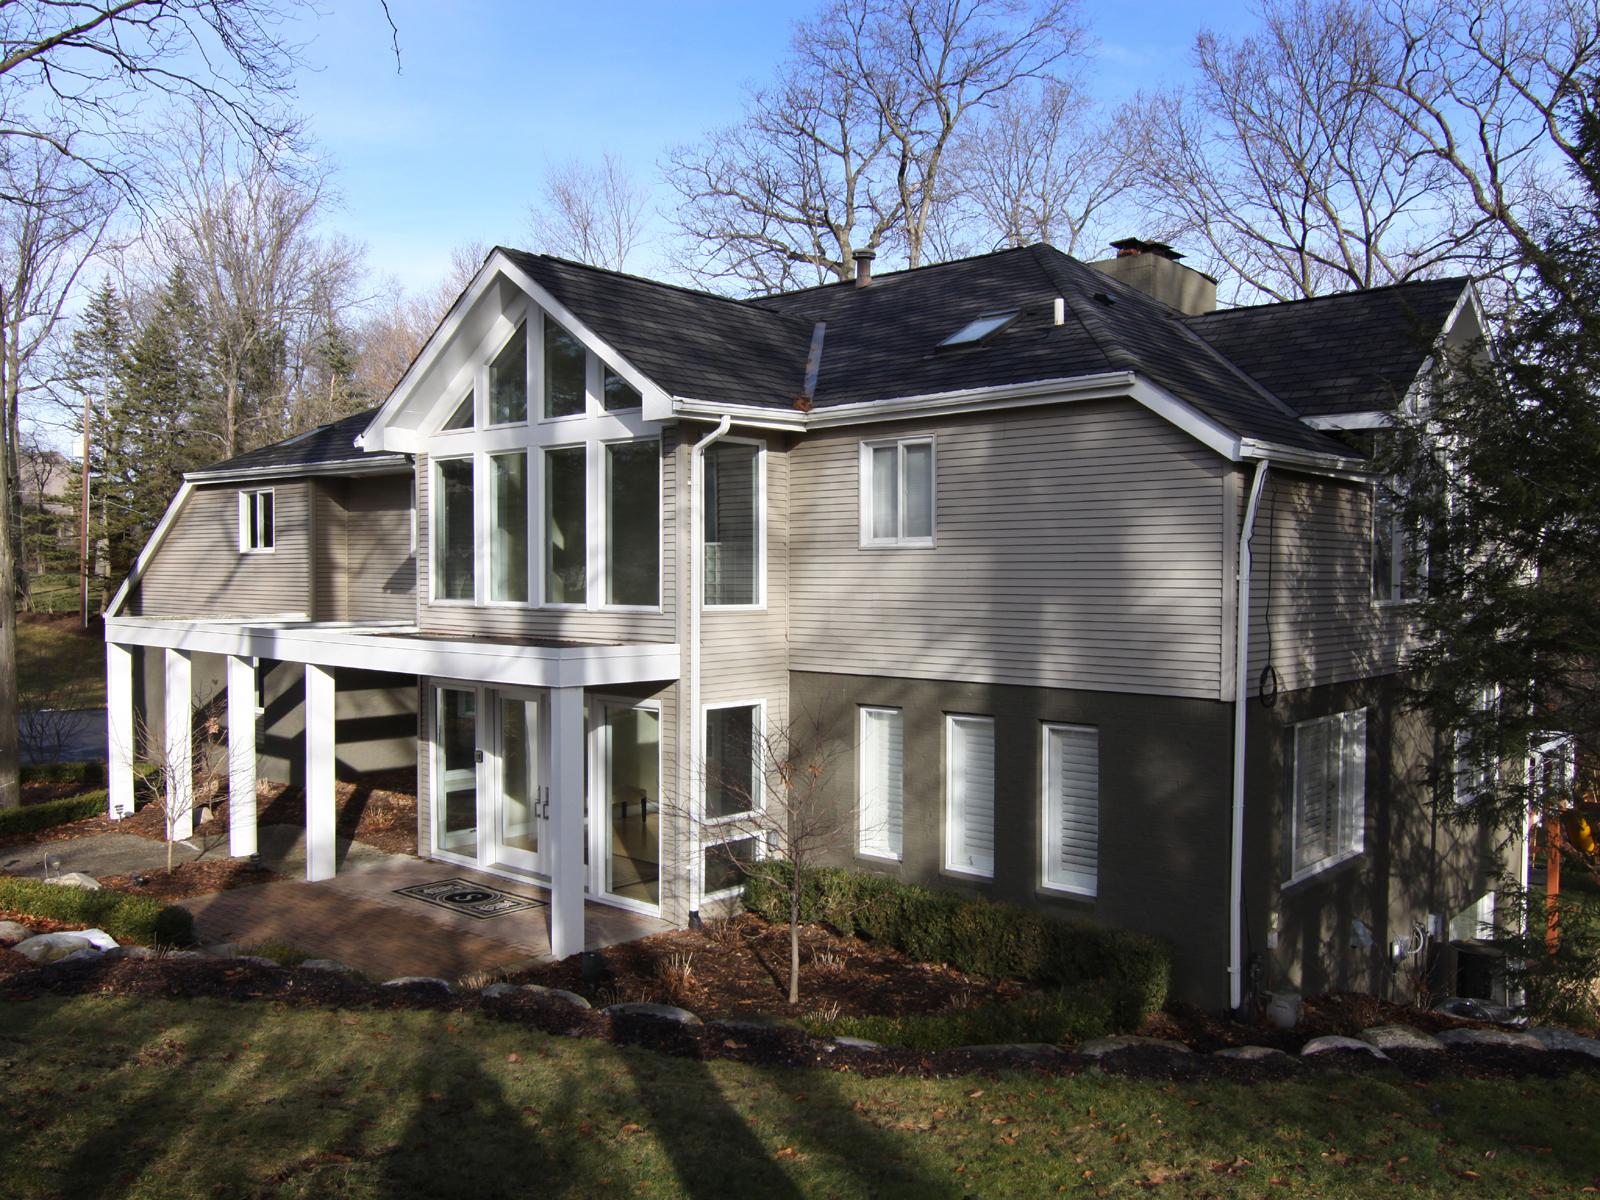 独户住宅 为 销售 在 Bloomfield 1680 Standish Court 布洛姆费尔德, 密歇根州, 48302 美国